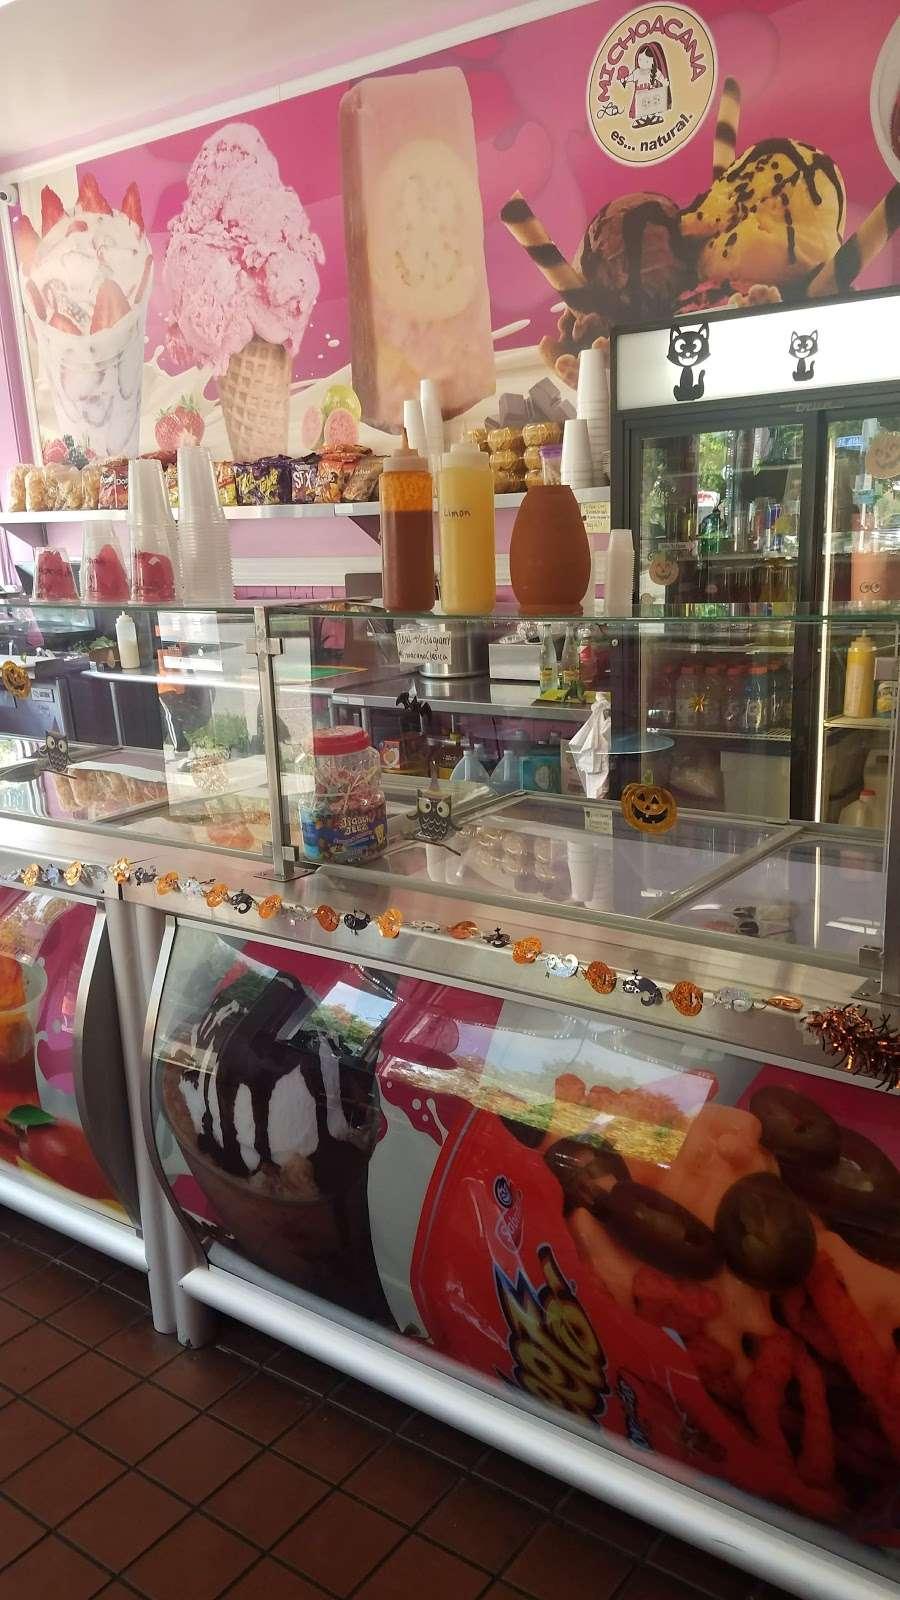 La Michoacana - restaurant  | Photo 4 of 9 | Address: 1600 Scoville Ave, Berwyn, IL 60402, USA | Phone: (708) 637-4363